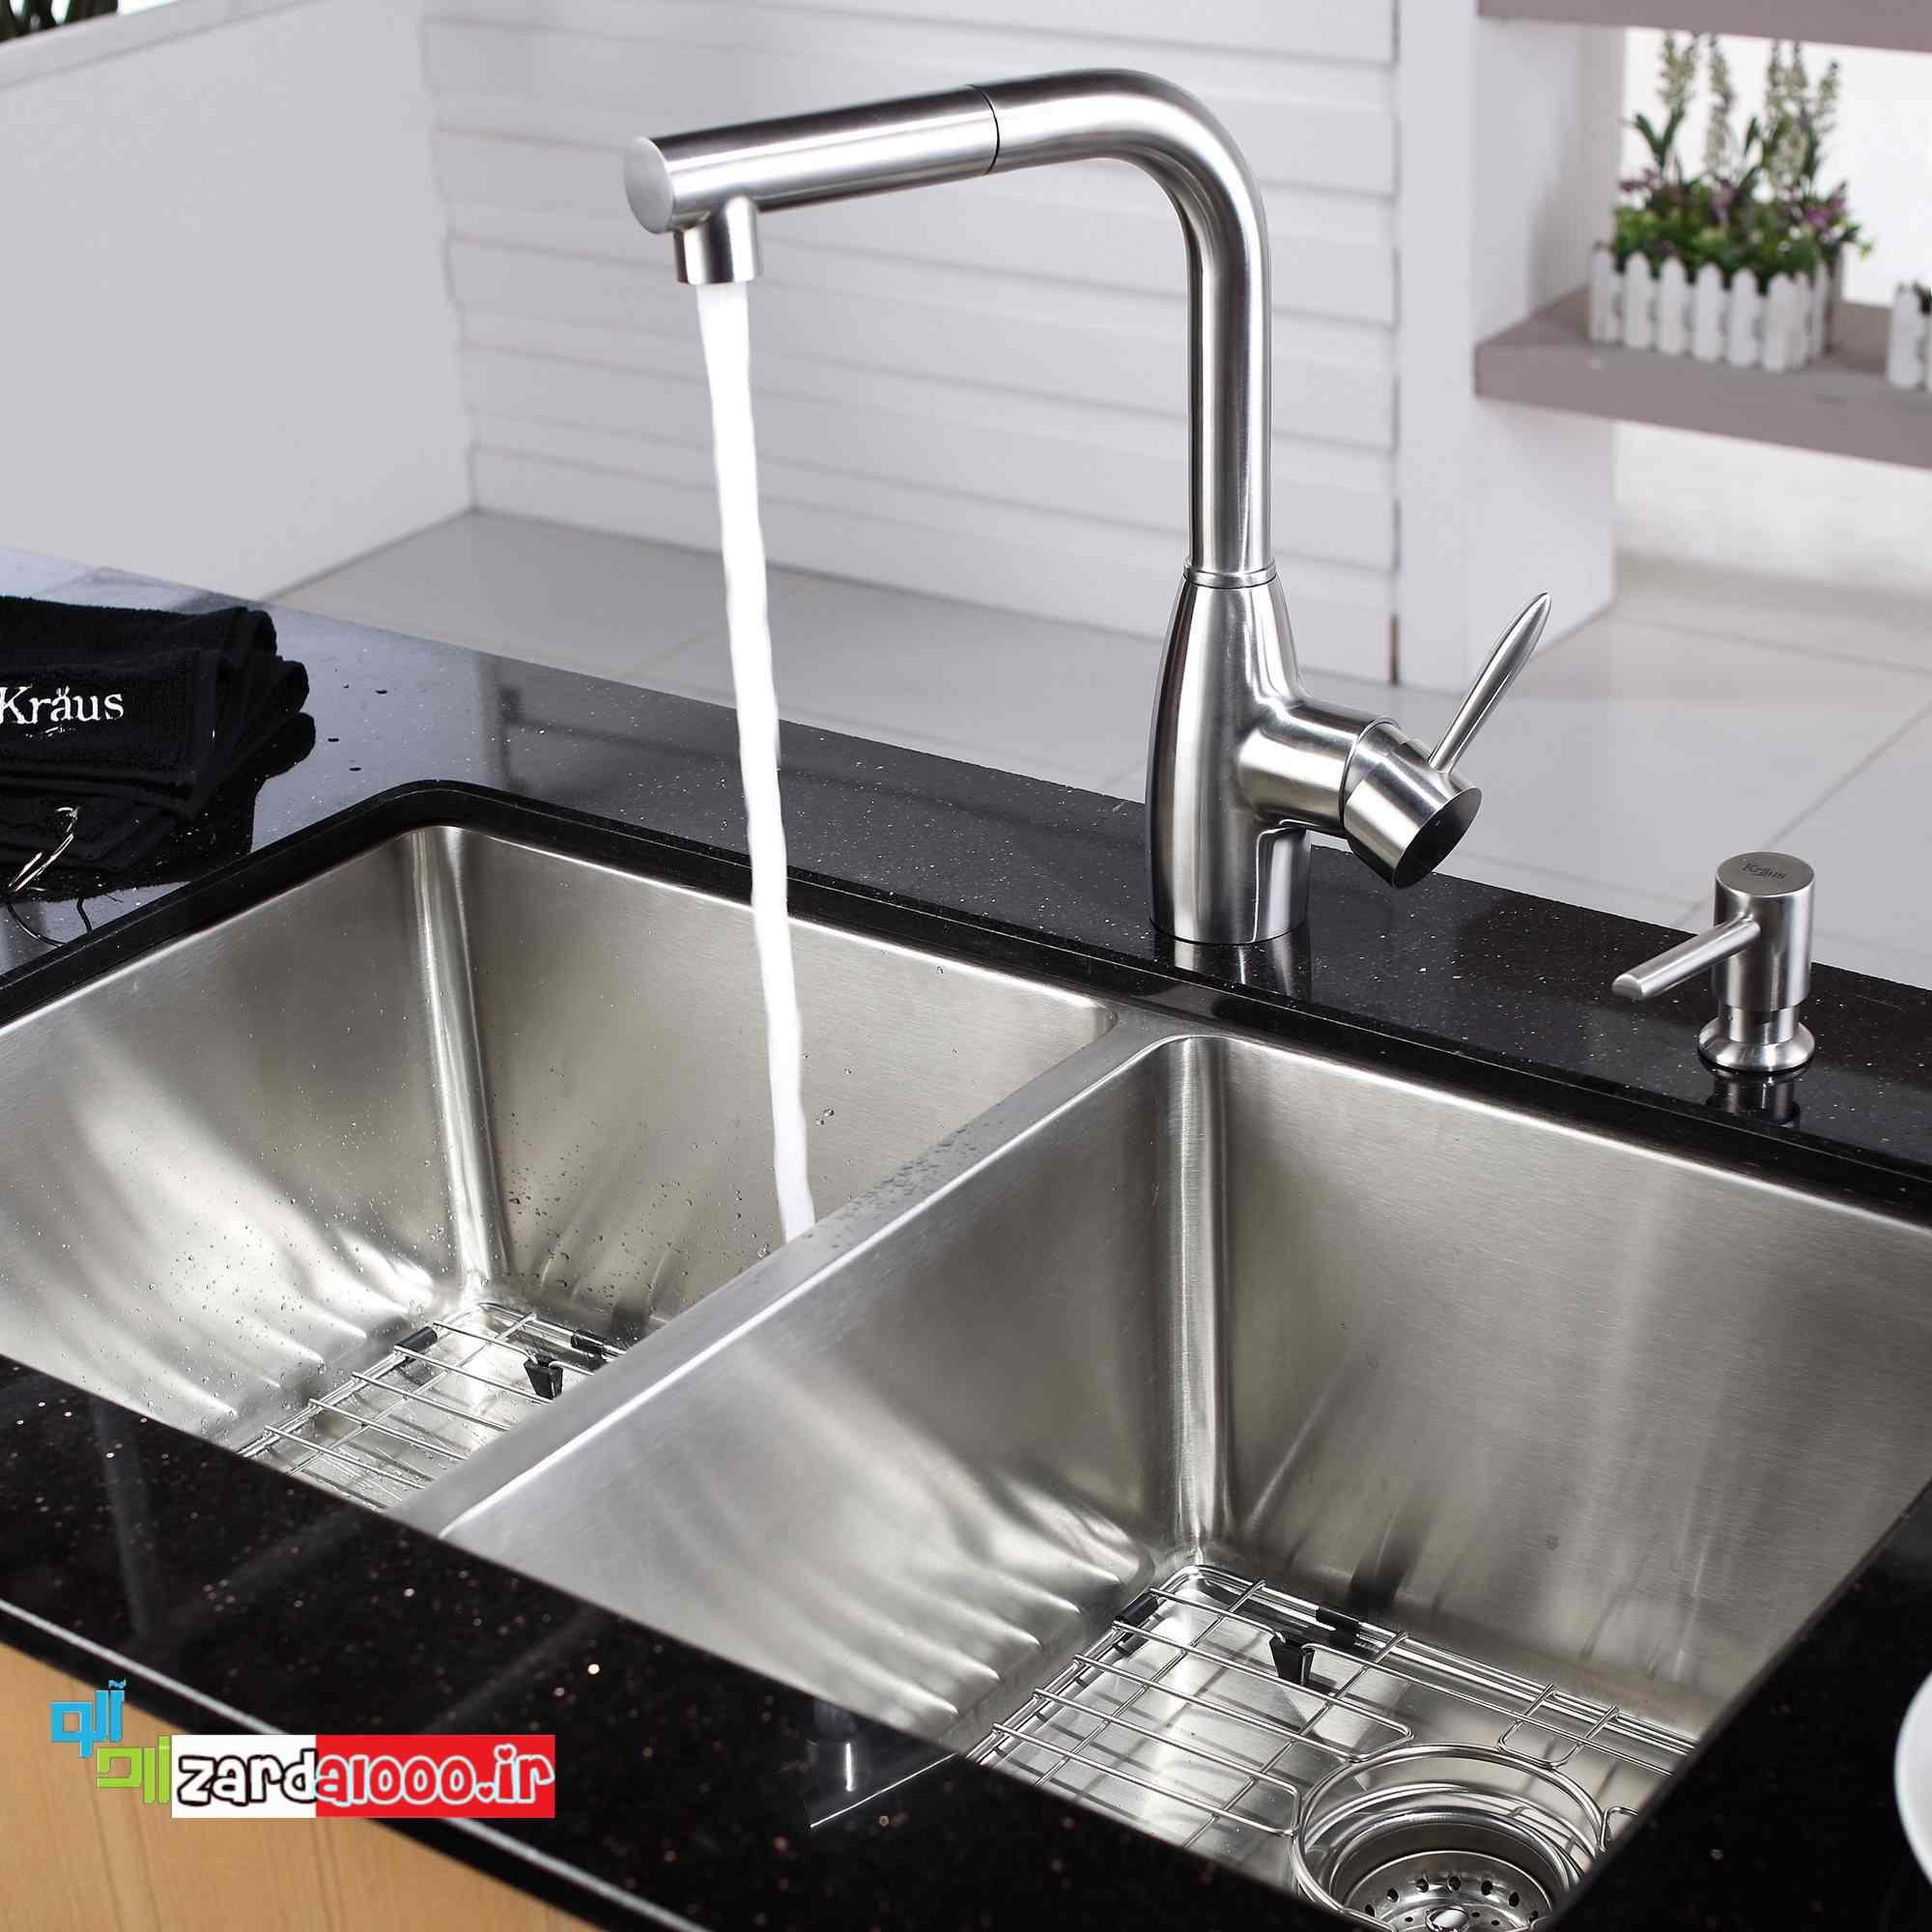 سینک ظرفشویی استیل - سینک ظرفشویی ارزان - جدیدترین سینکهای ظرفشویی